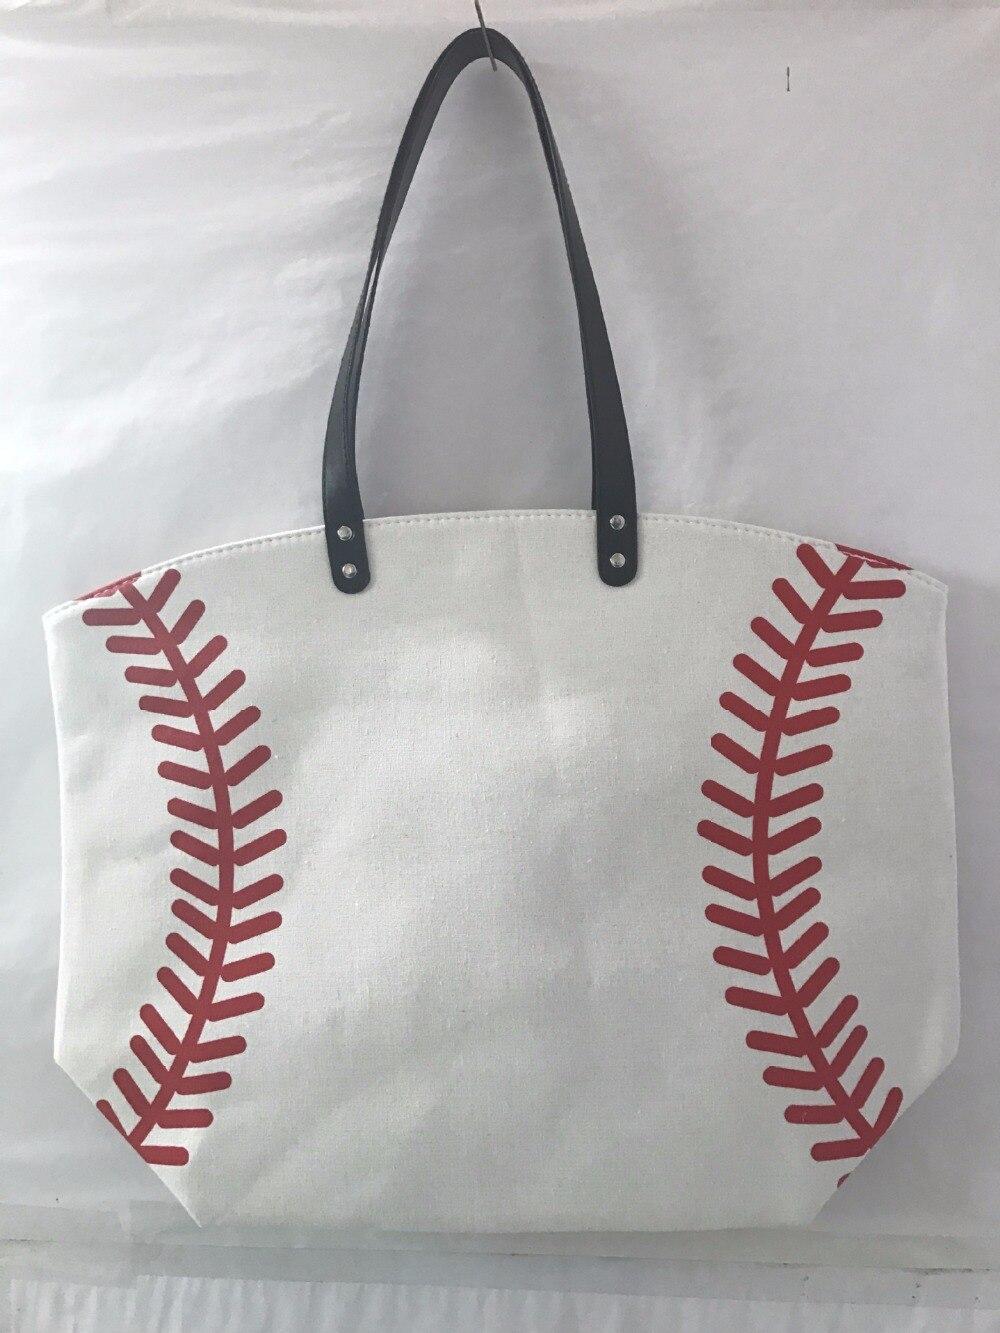 الجملة جديد 20 pcsNew البيسبول للأطفال القطن قماش حقائب رياضية البيسبول البيسبول جراب للأطفال-في حقائب ومستلزمات تغليف الهدايا من المنزل والحديقة على  مجموعة 2